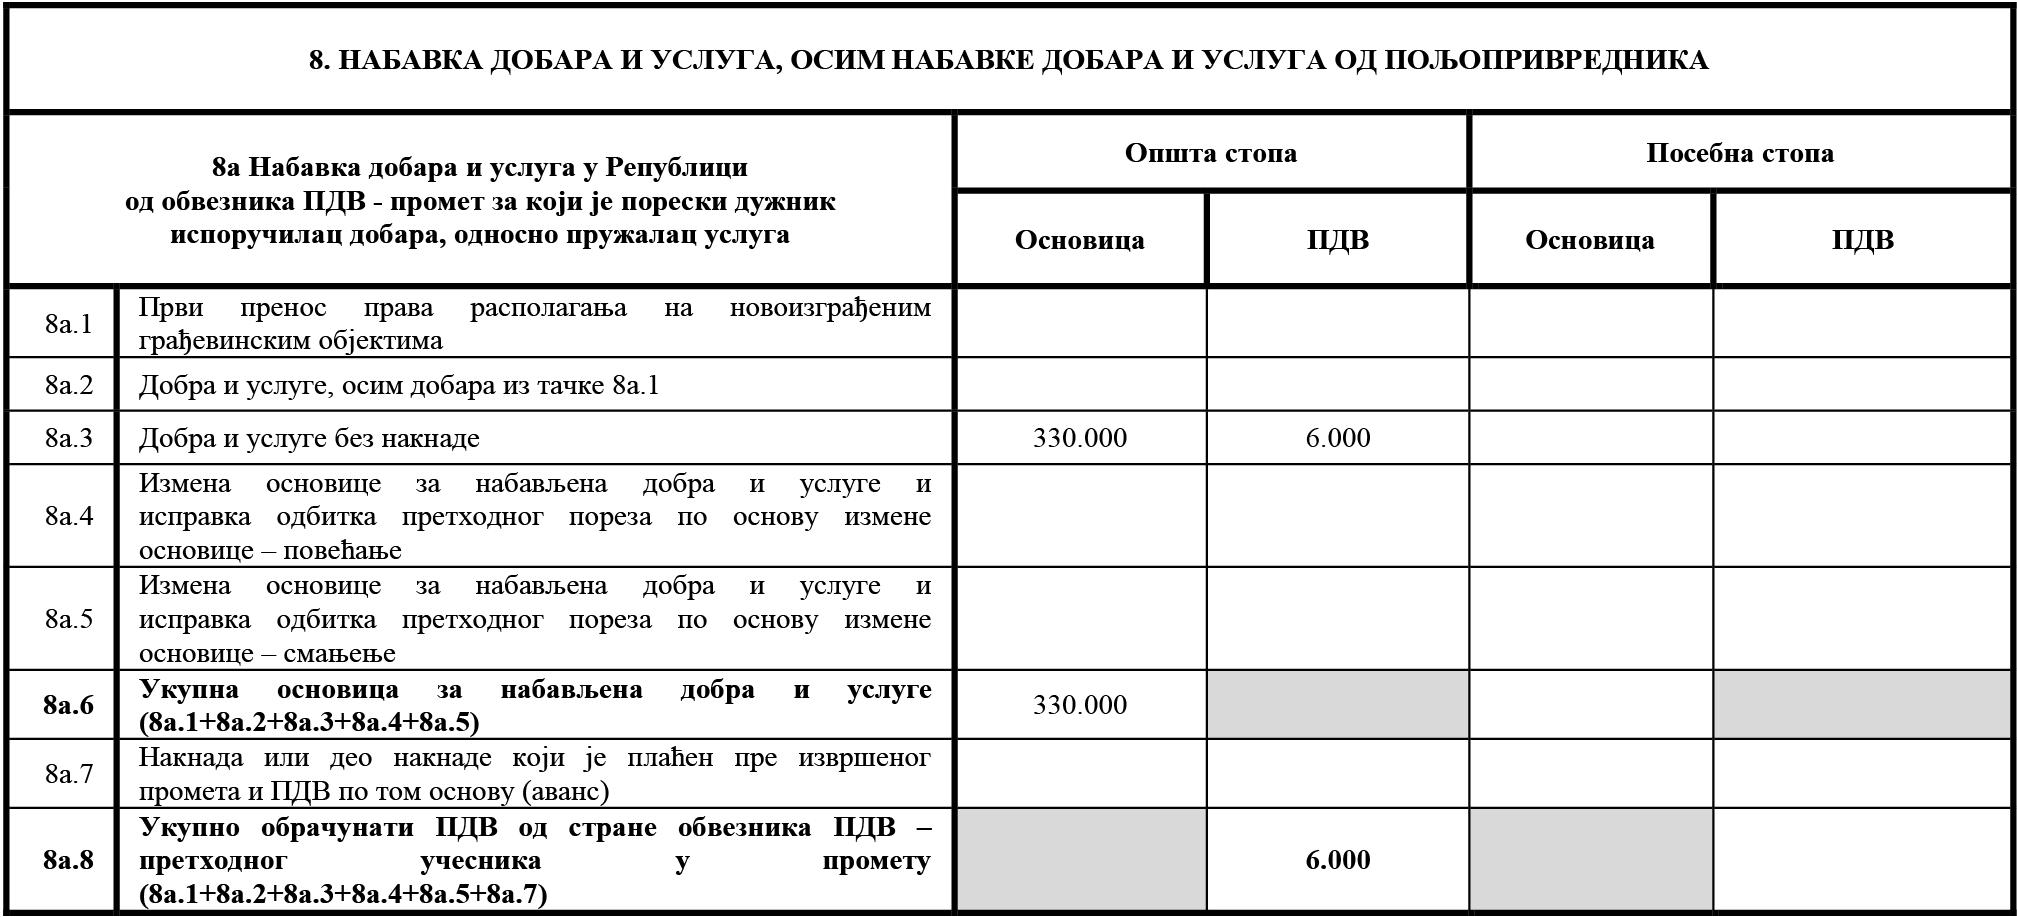 uputstvo PU obrazac POPDV primer 89